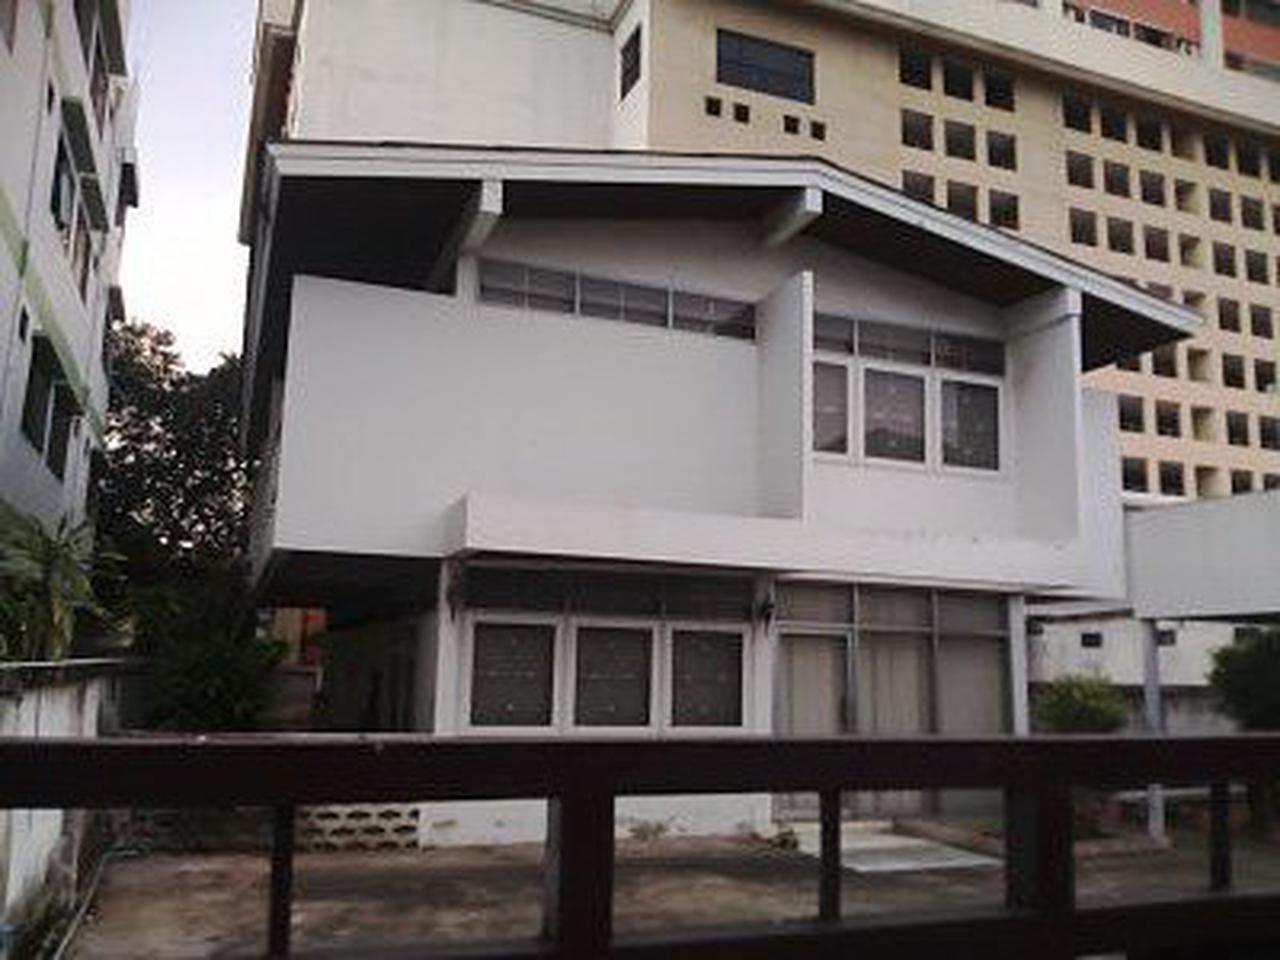 บ้านเก่าเหมาะทำเป็นอพาร์ตเม้นท์หรือที่พักอาศัย ใกล้สี่แยกคลอ รูปที่ 3